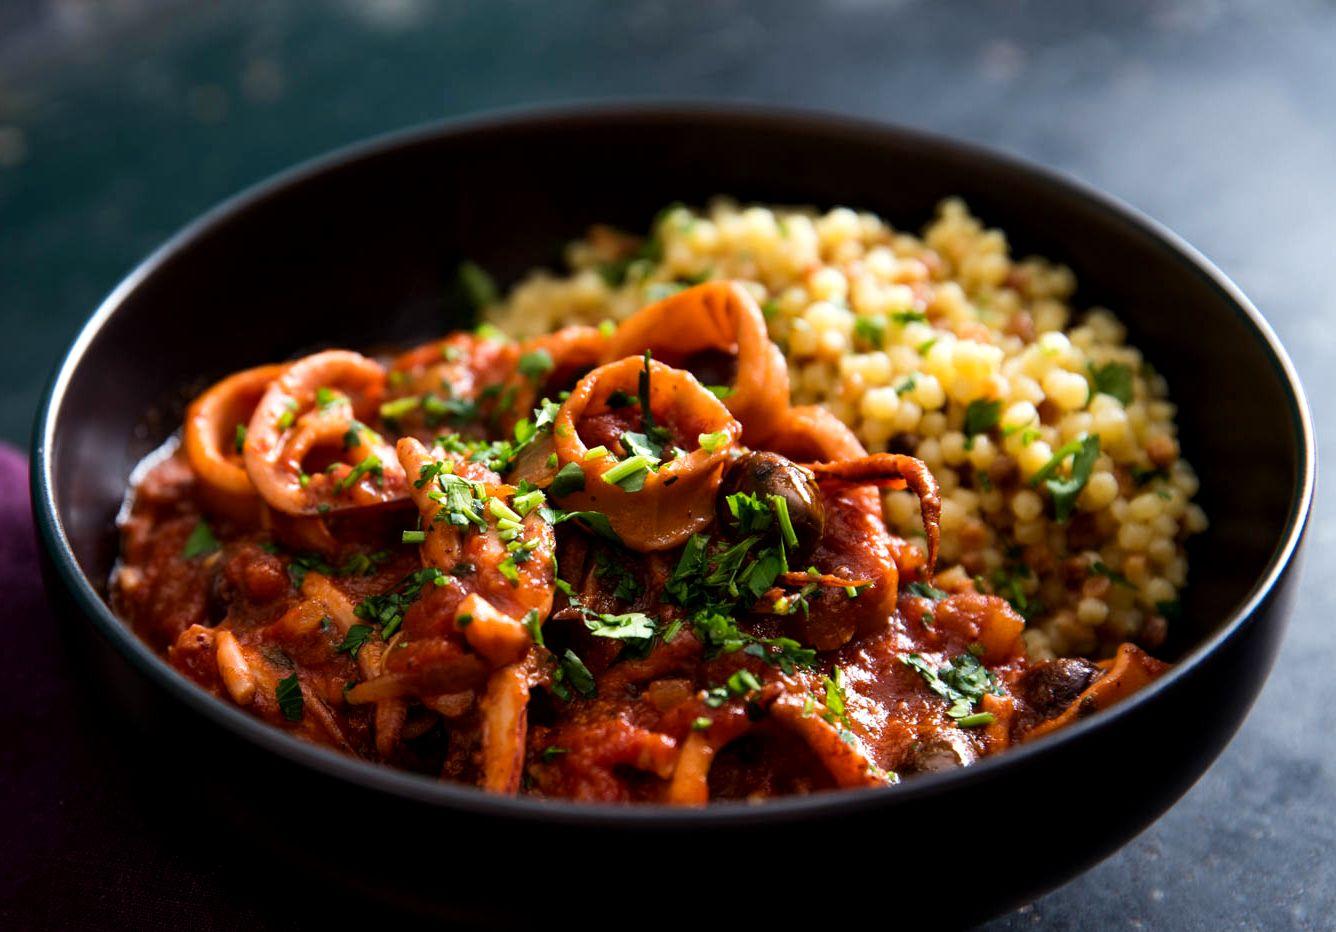 10 Resep Masakan Cumi Basah Sederhana Yang Baik Untuk